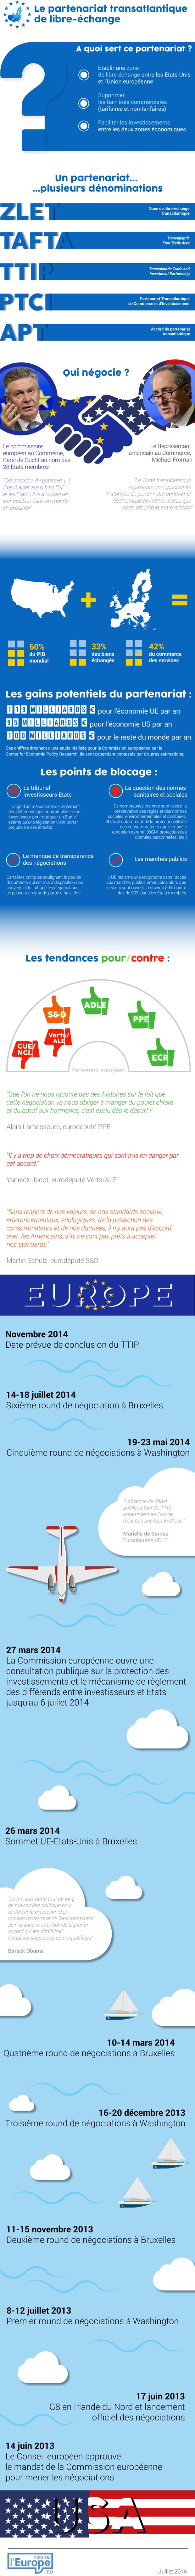 Datavissualisation Partenariat transatlantique de libre échange